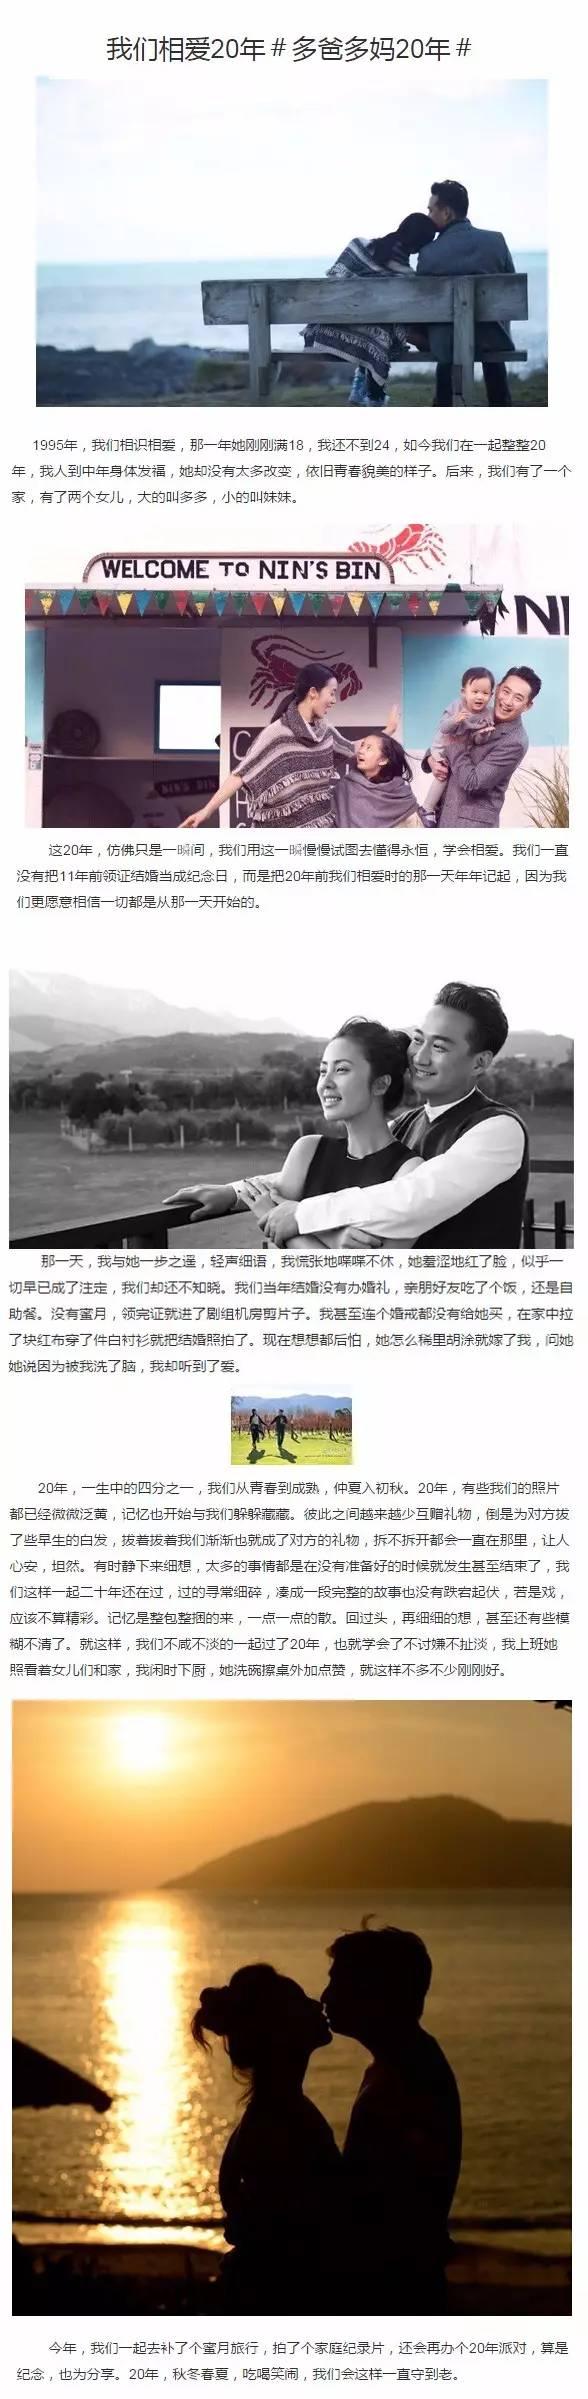 【宝宝帮】黄磊二婚,除了新娘,都变了